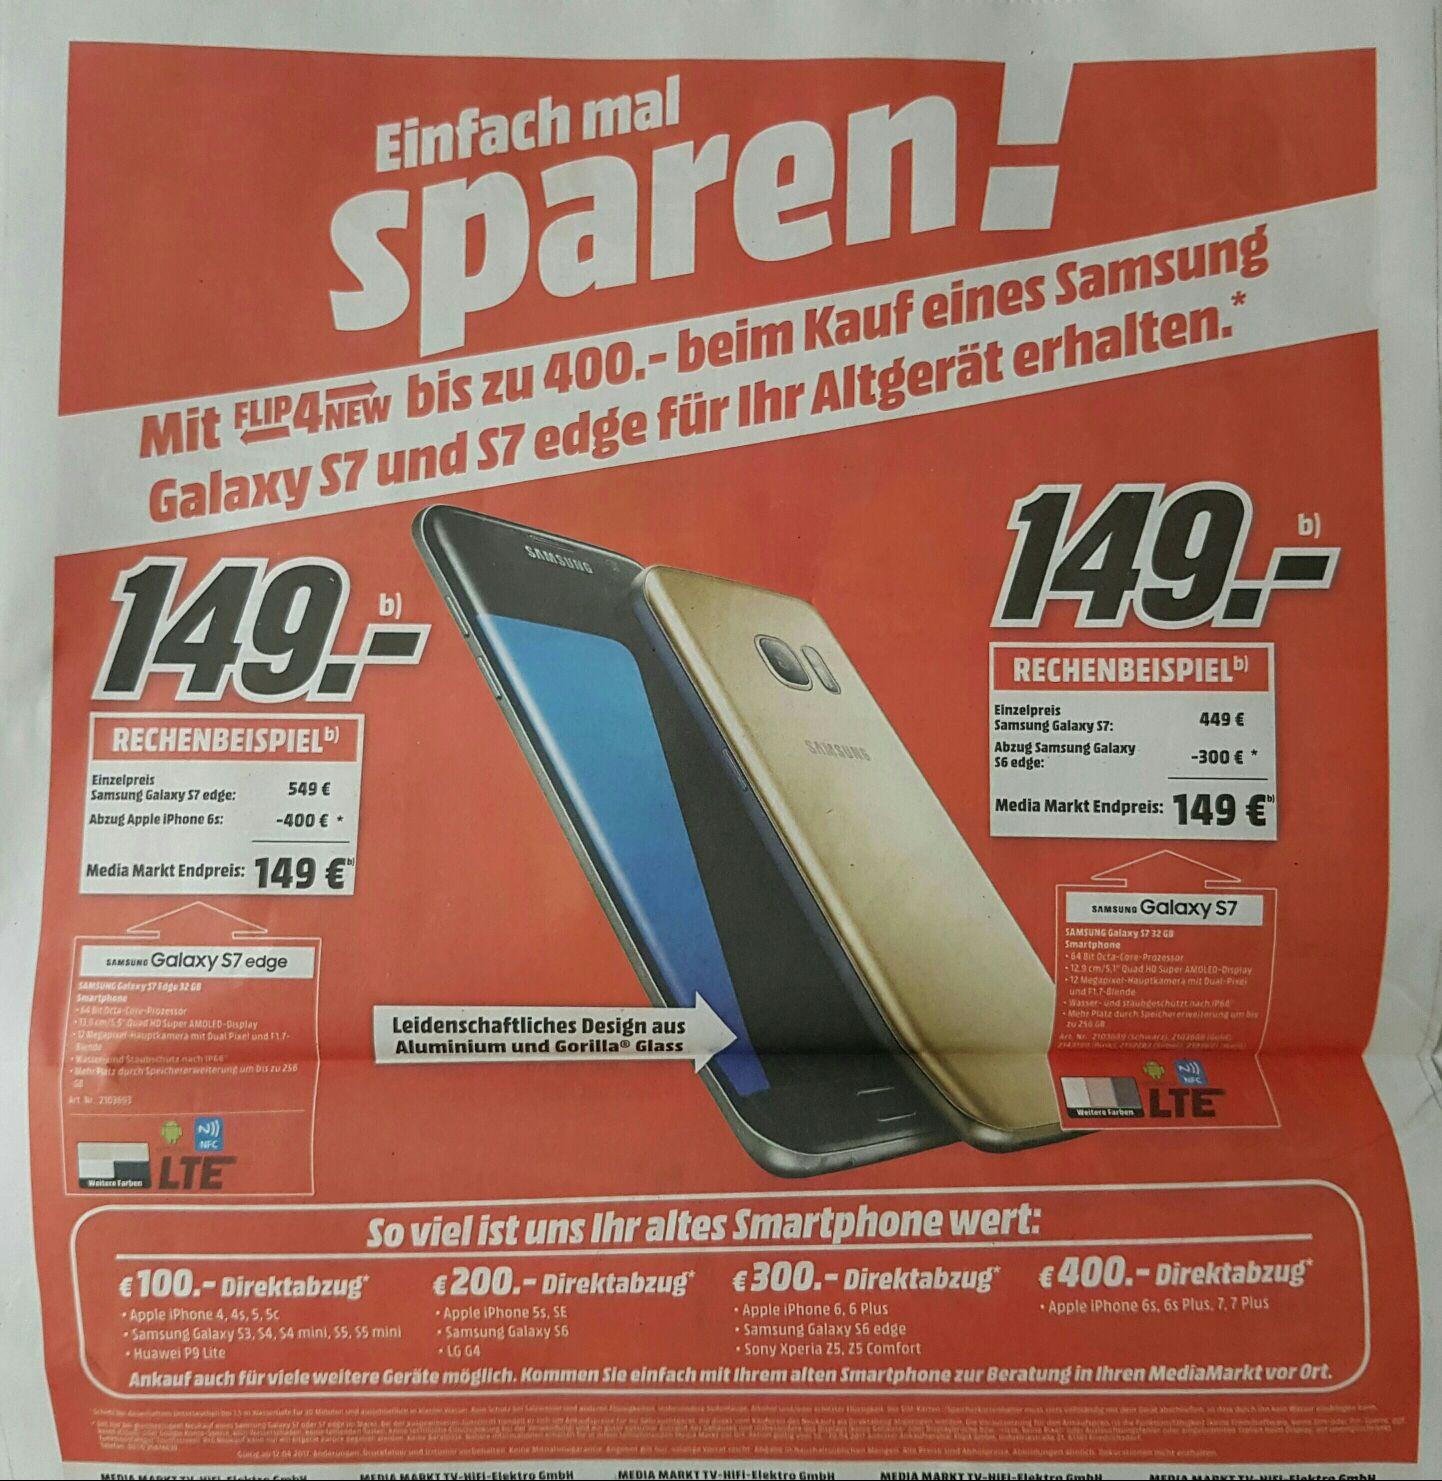 [MediaMarkt Lokal Stuttgart & Umgebung]Samsung Galaxy S7 und S7 edge bis zu 400.- für ihr Altgerät erhalten